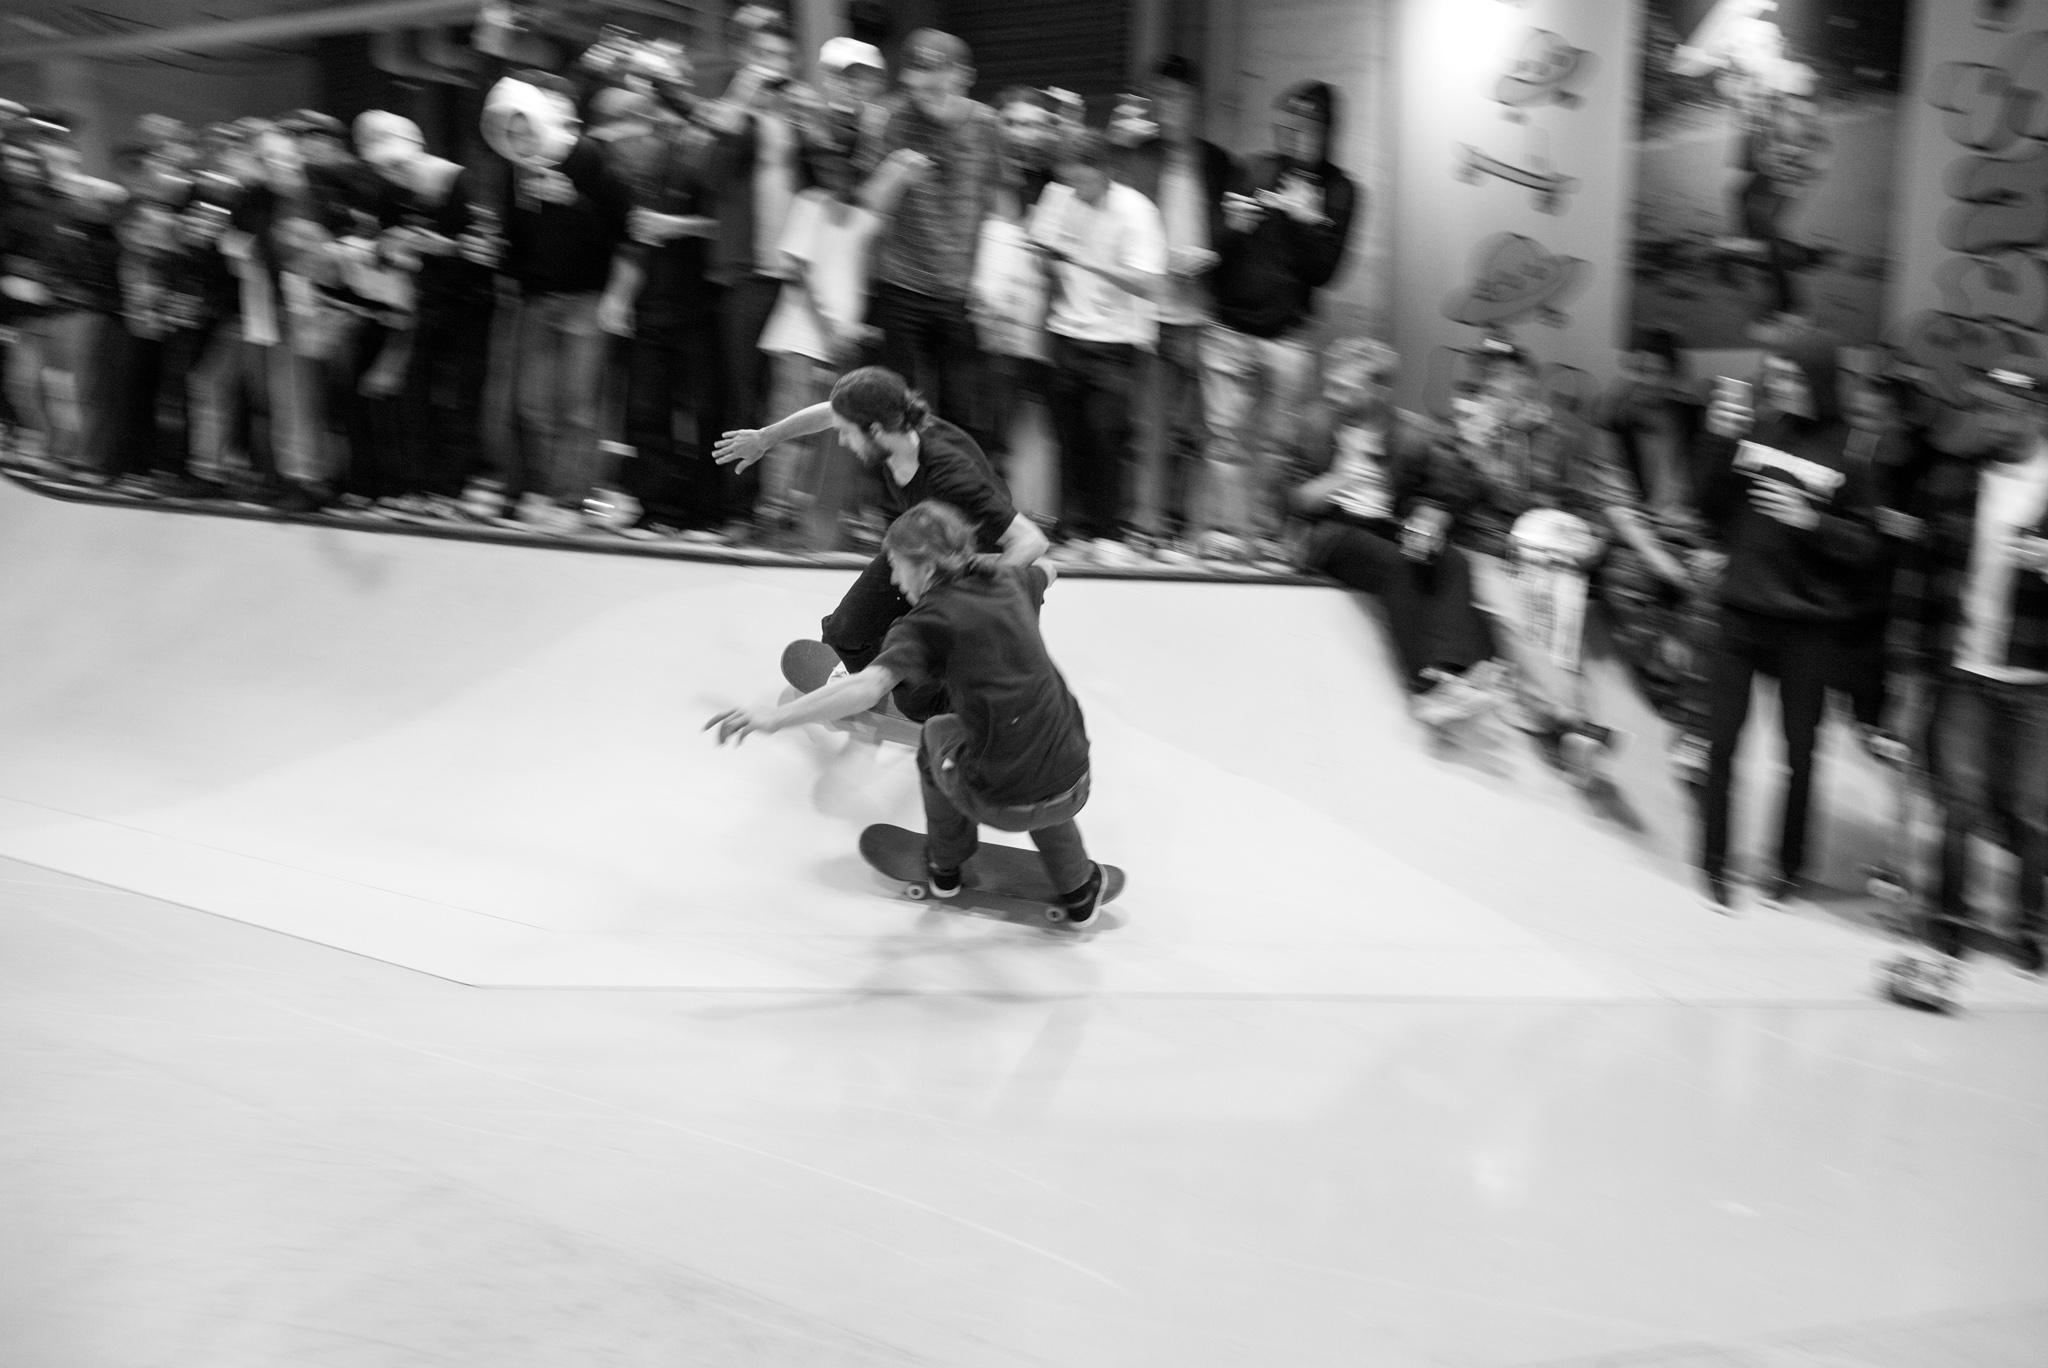 Alex Olson & Kevin Baekel Death Race